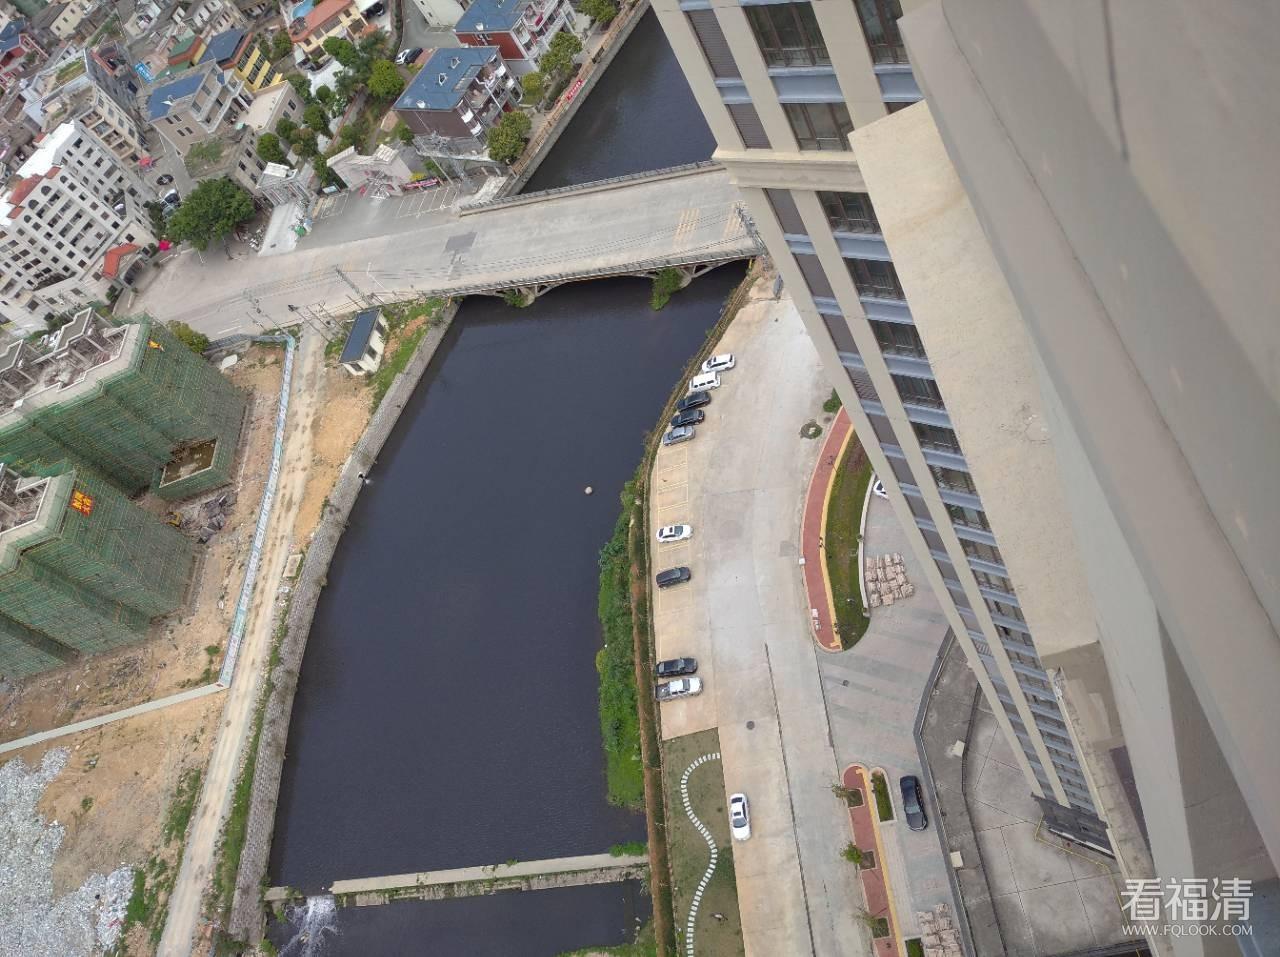 污水导致河流乌黑一片